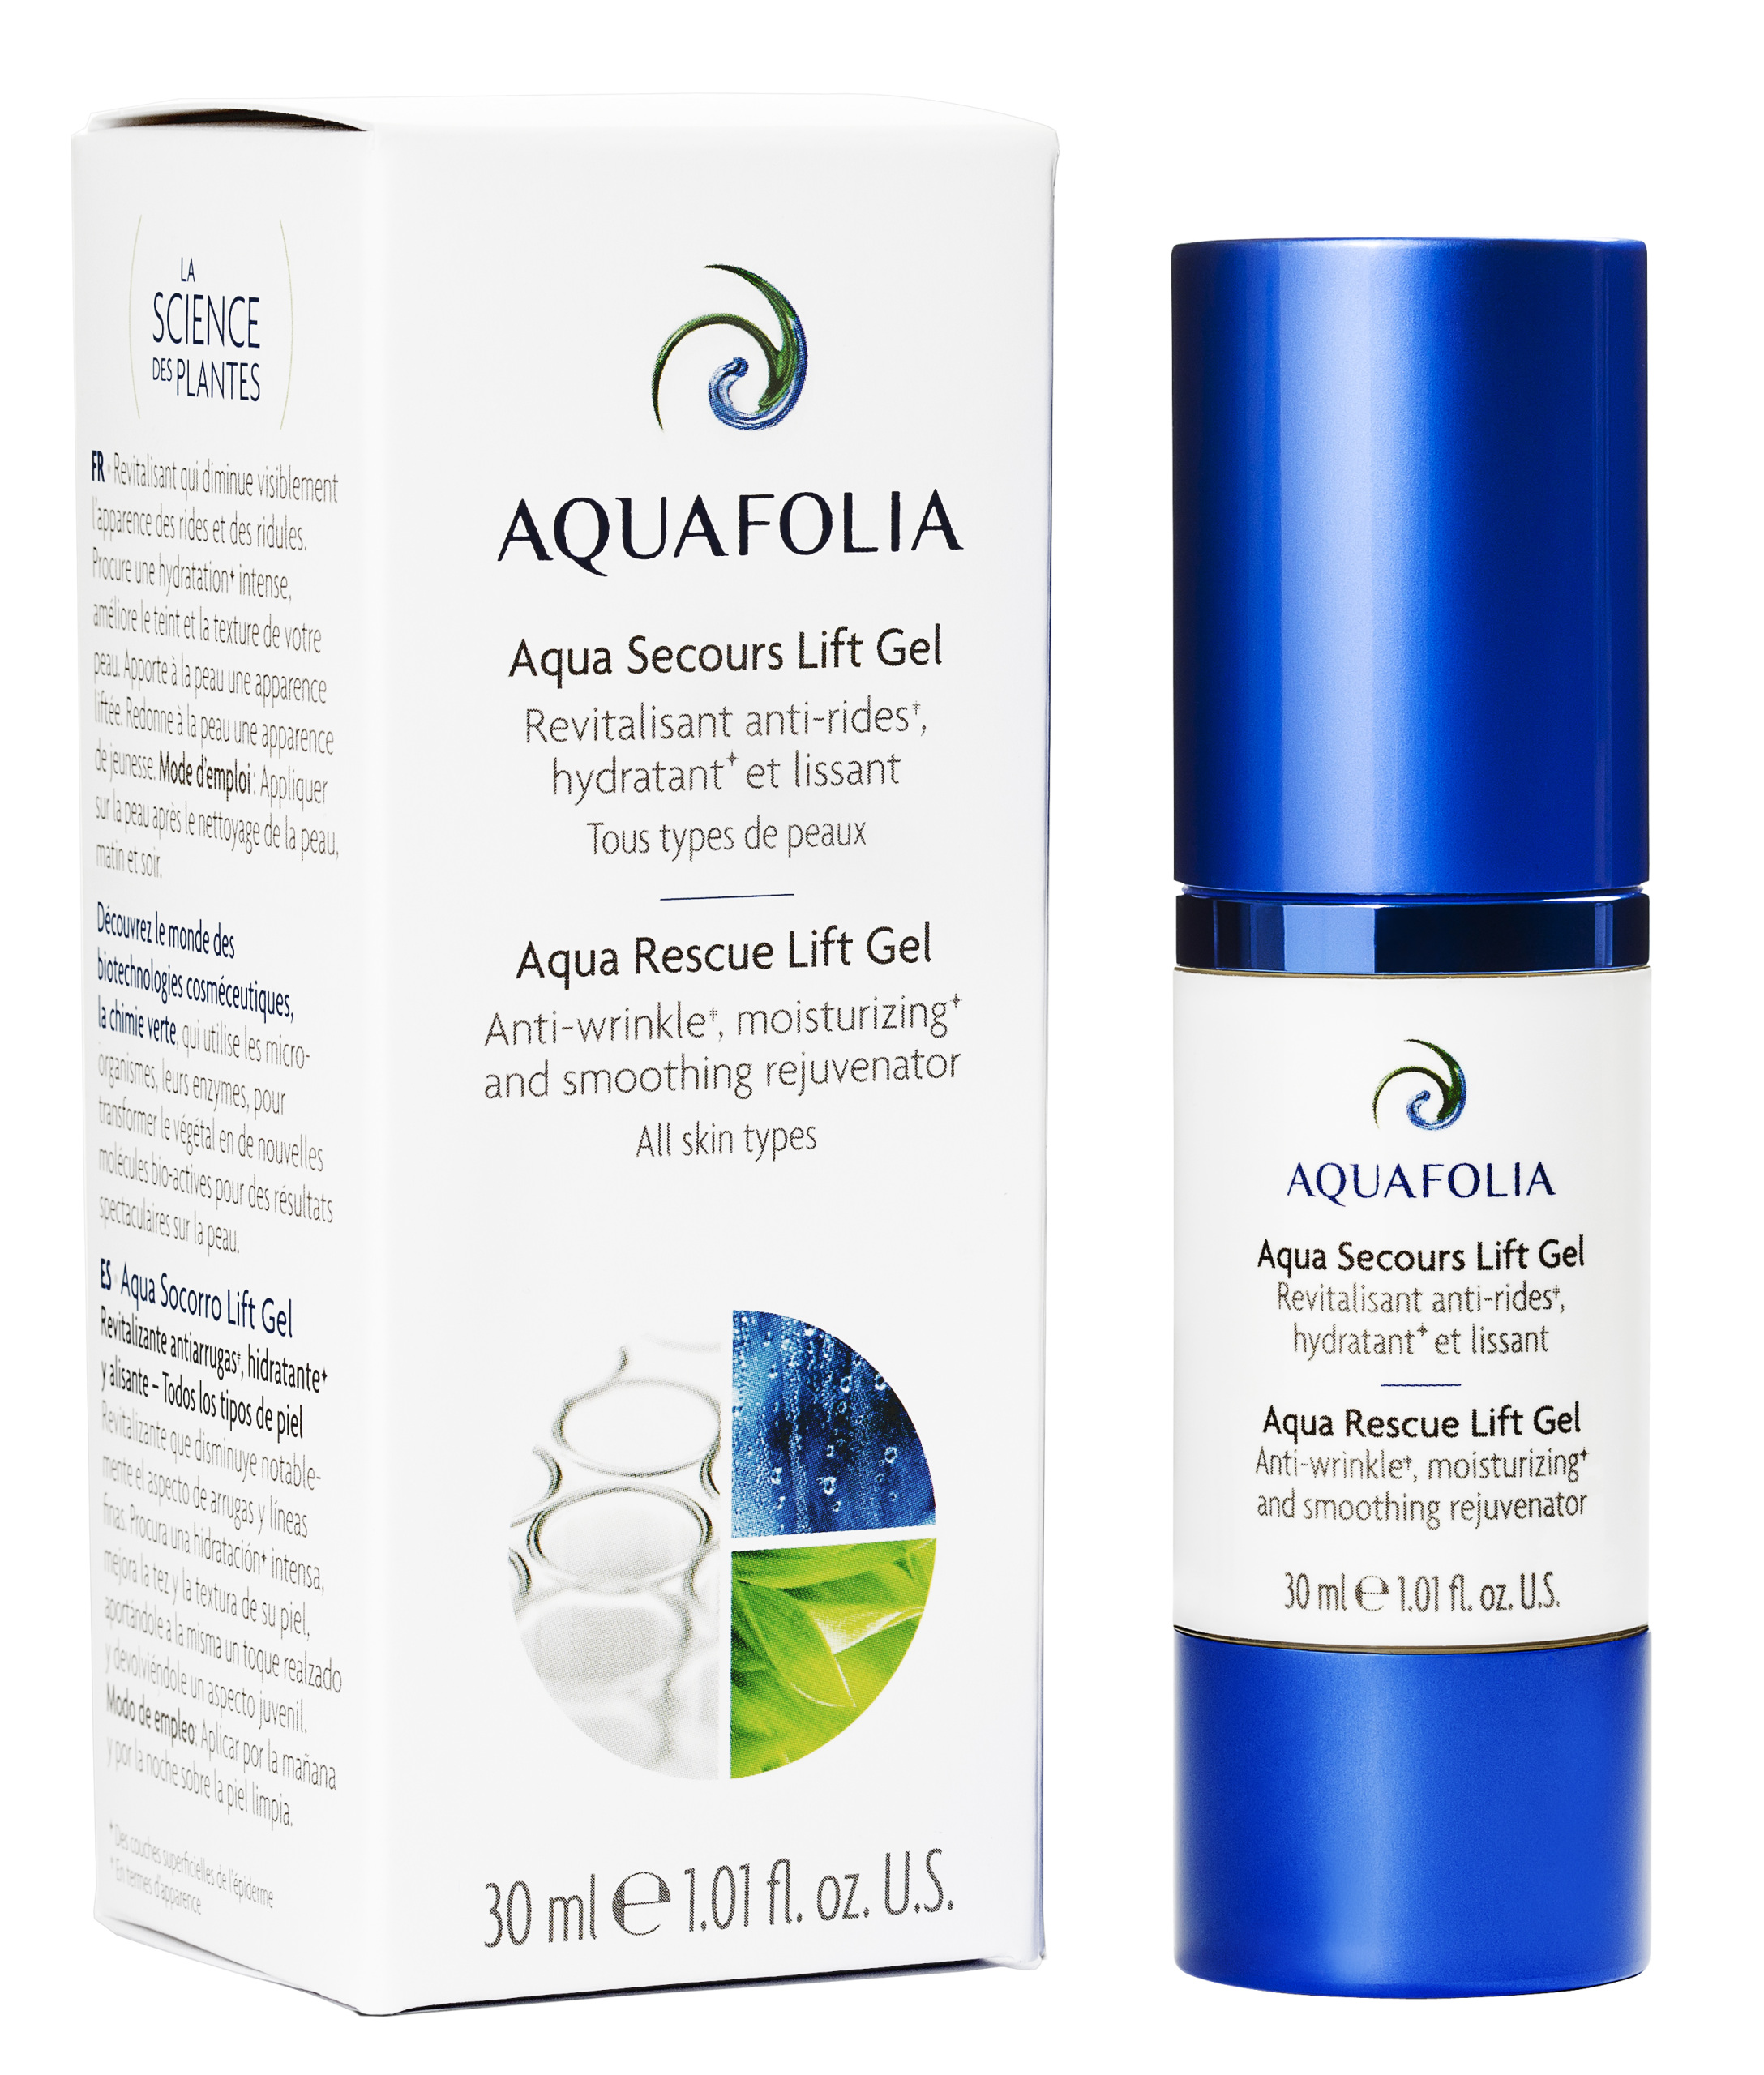 Aqua Folia Aqua Rescue Lift Gel - 60ml